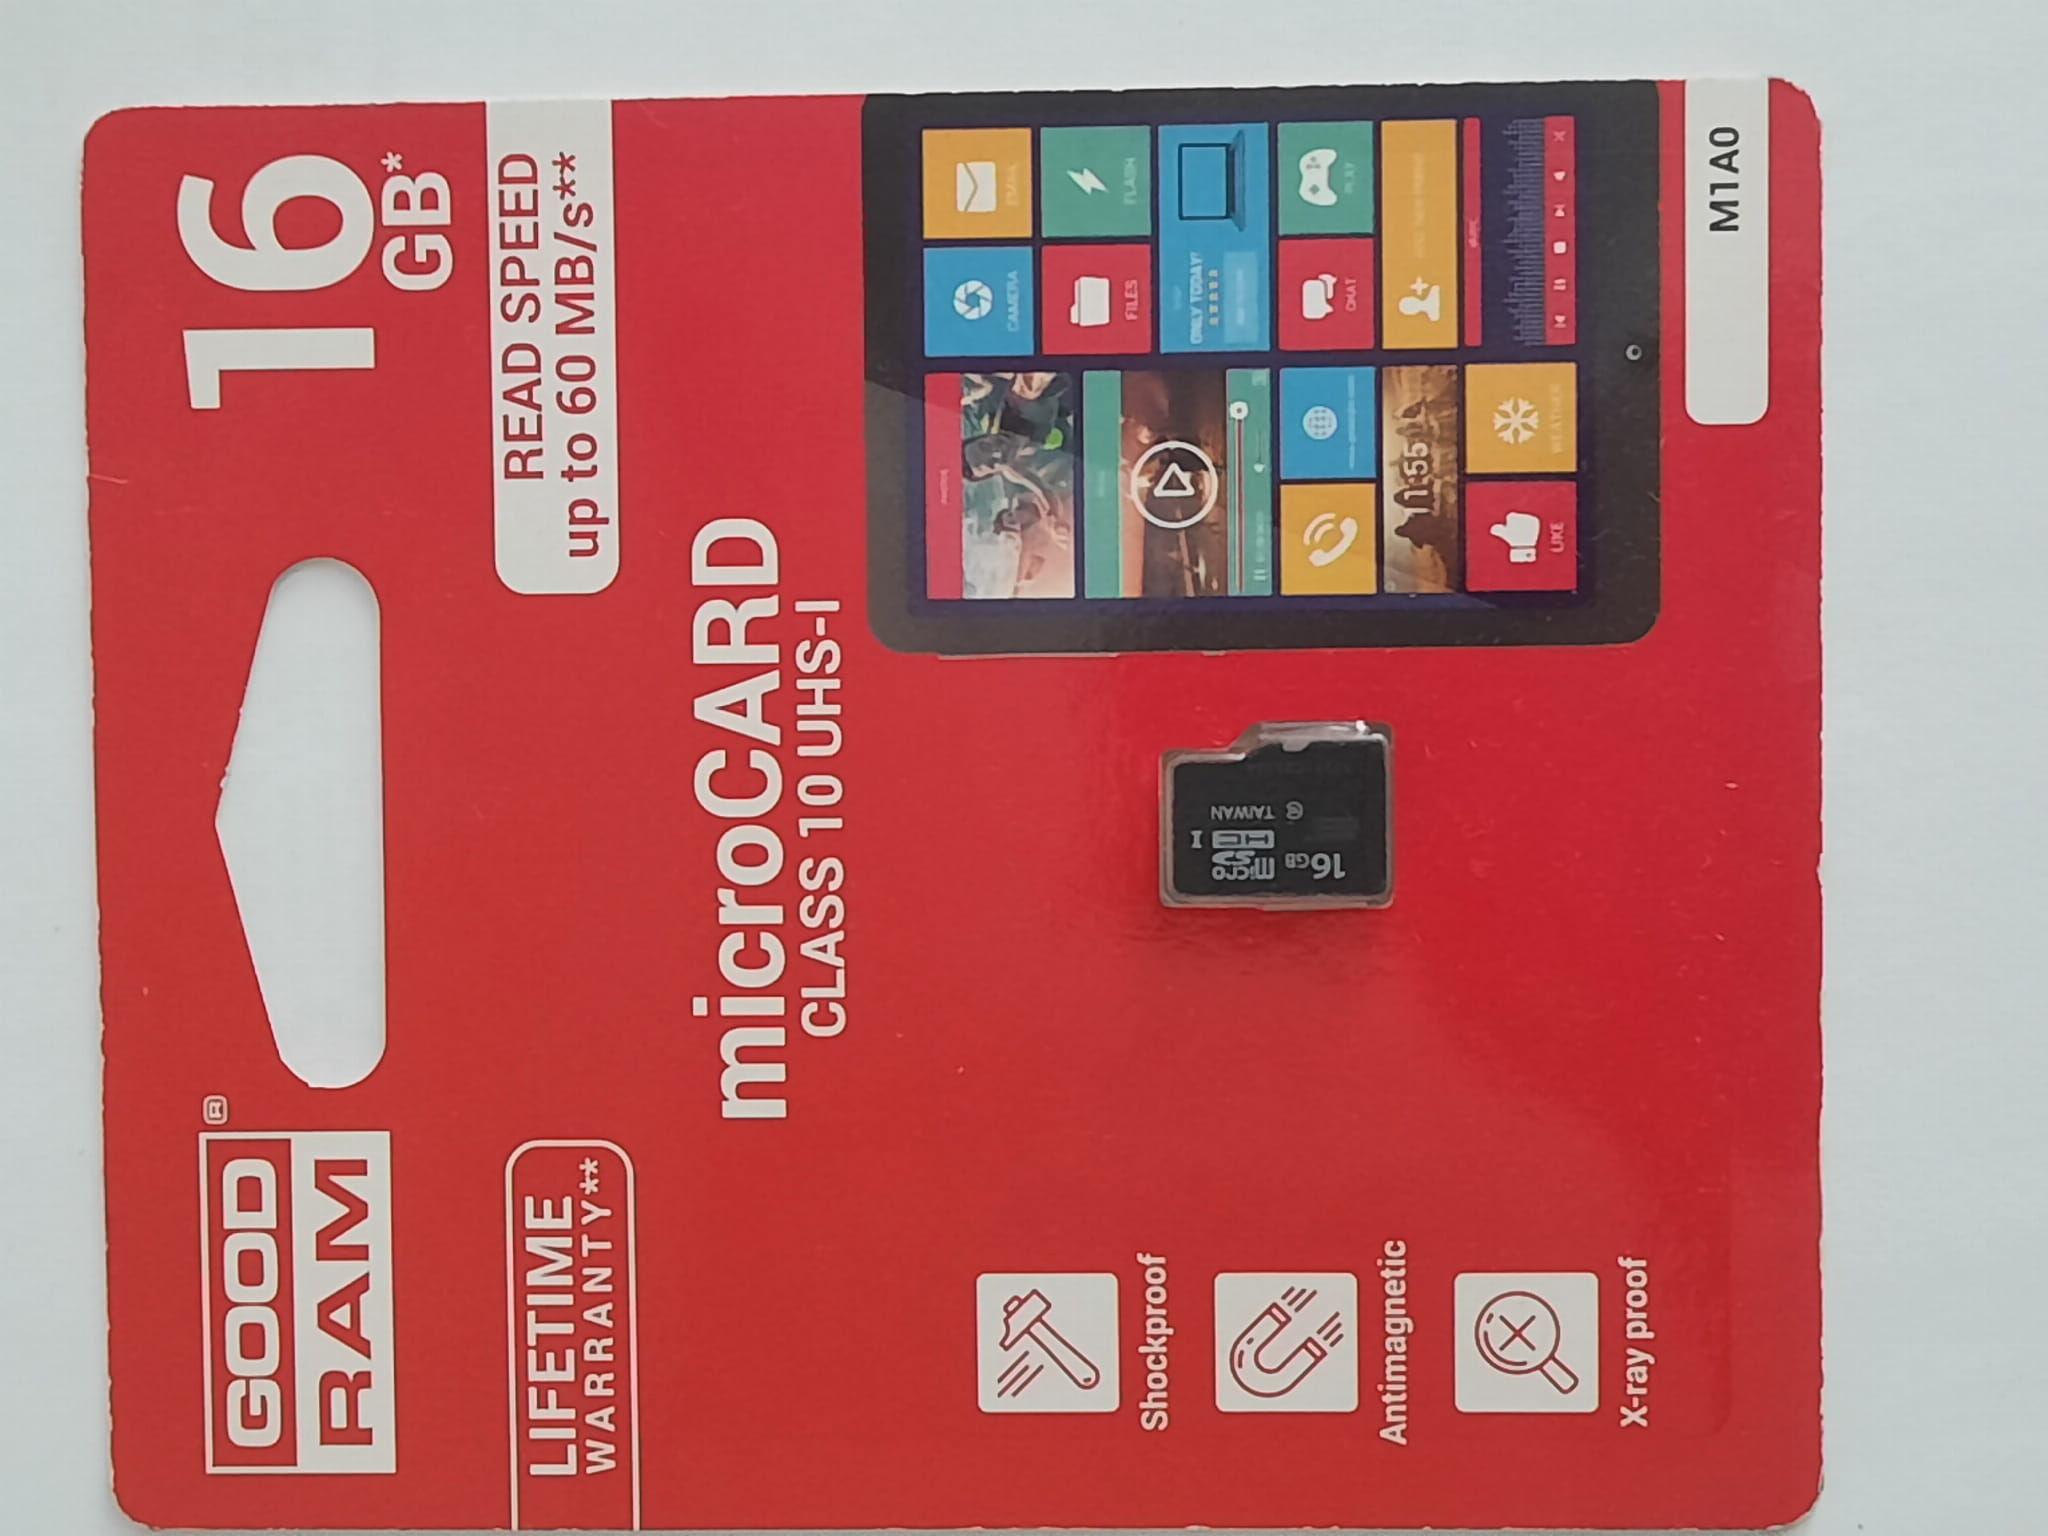 Karta pamięci GOODRAM microSD 16GB class 10 UHS I (M1A0)